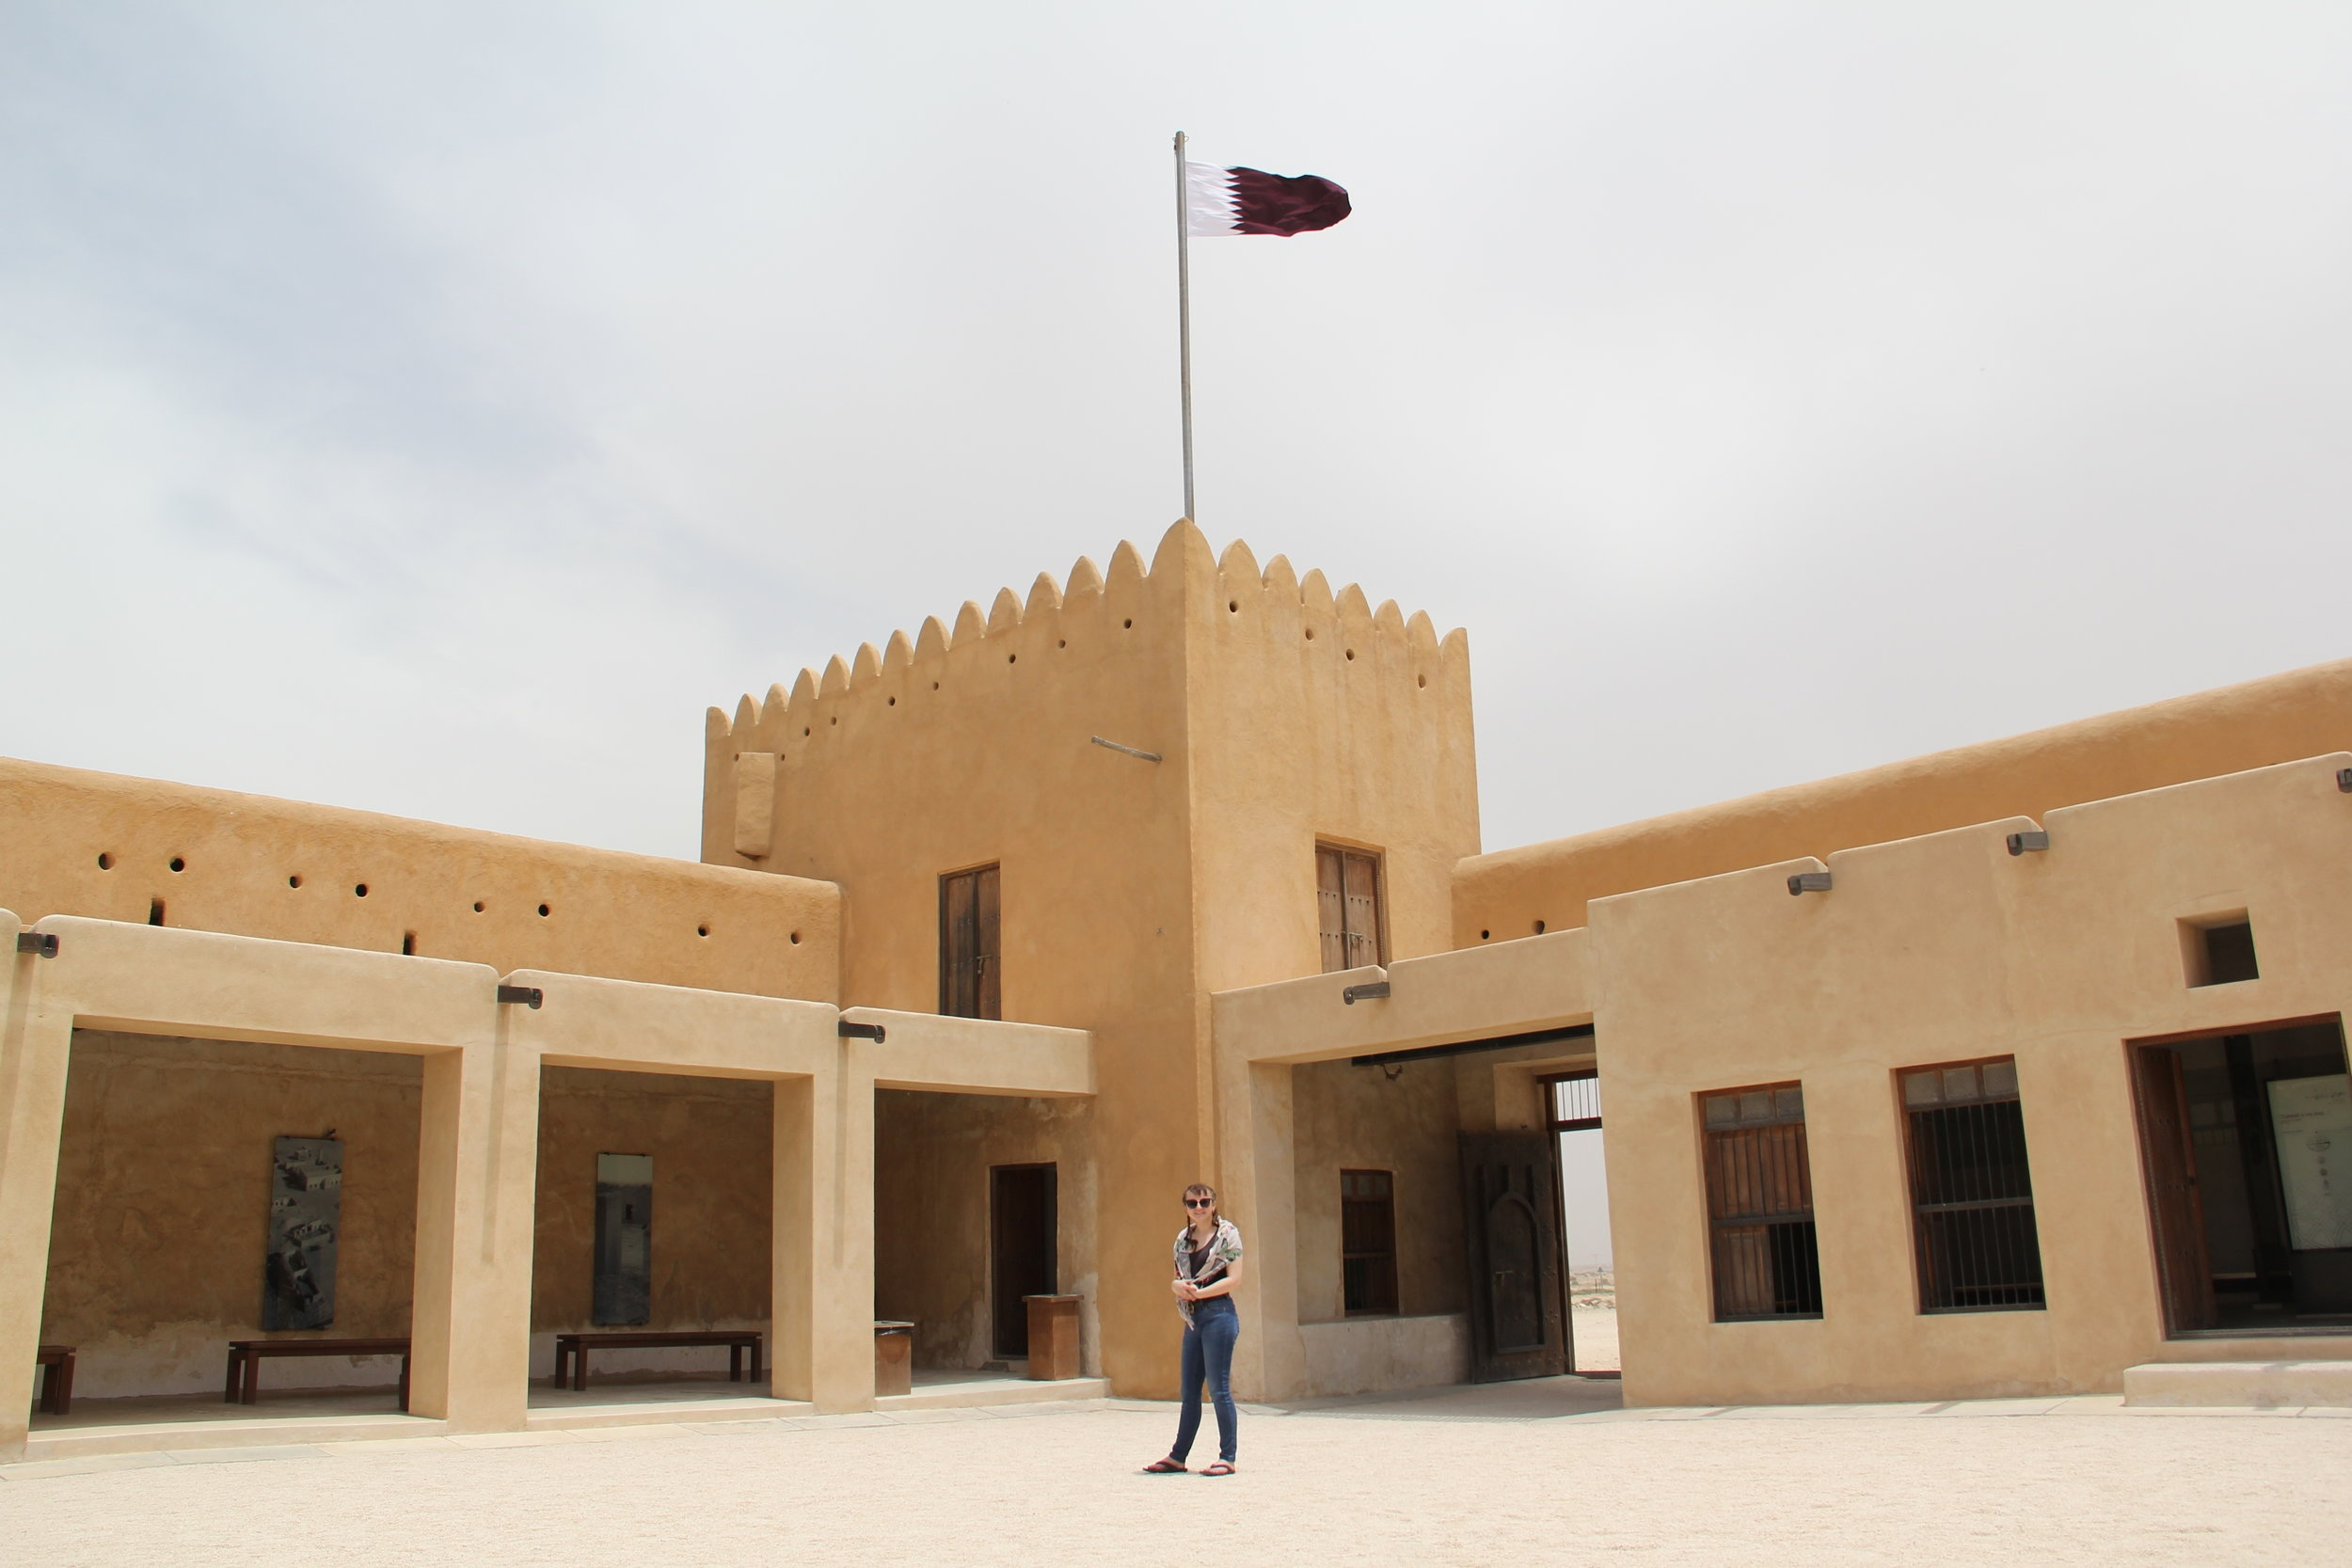 At the Fort! Al Zubara Fort, Al Zubara, Qatar.